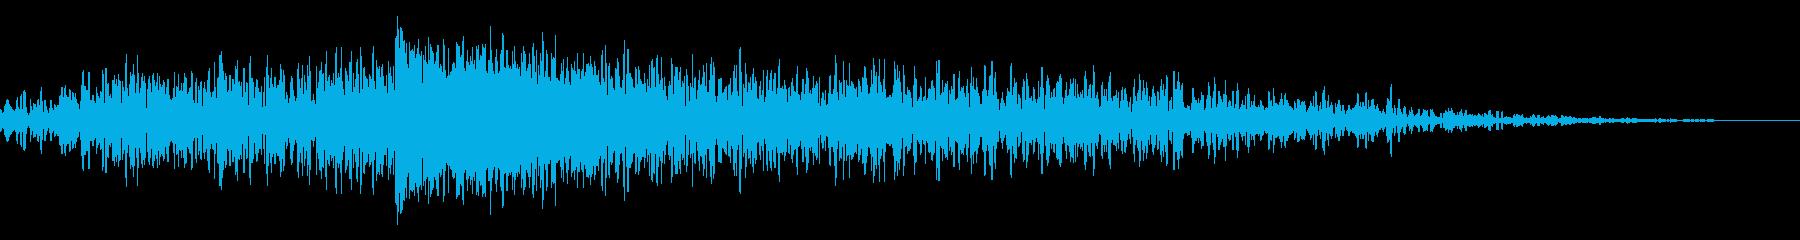 ビッグフェイズドインパクトスイープ...の再生済みの波形